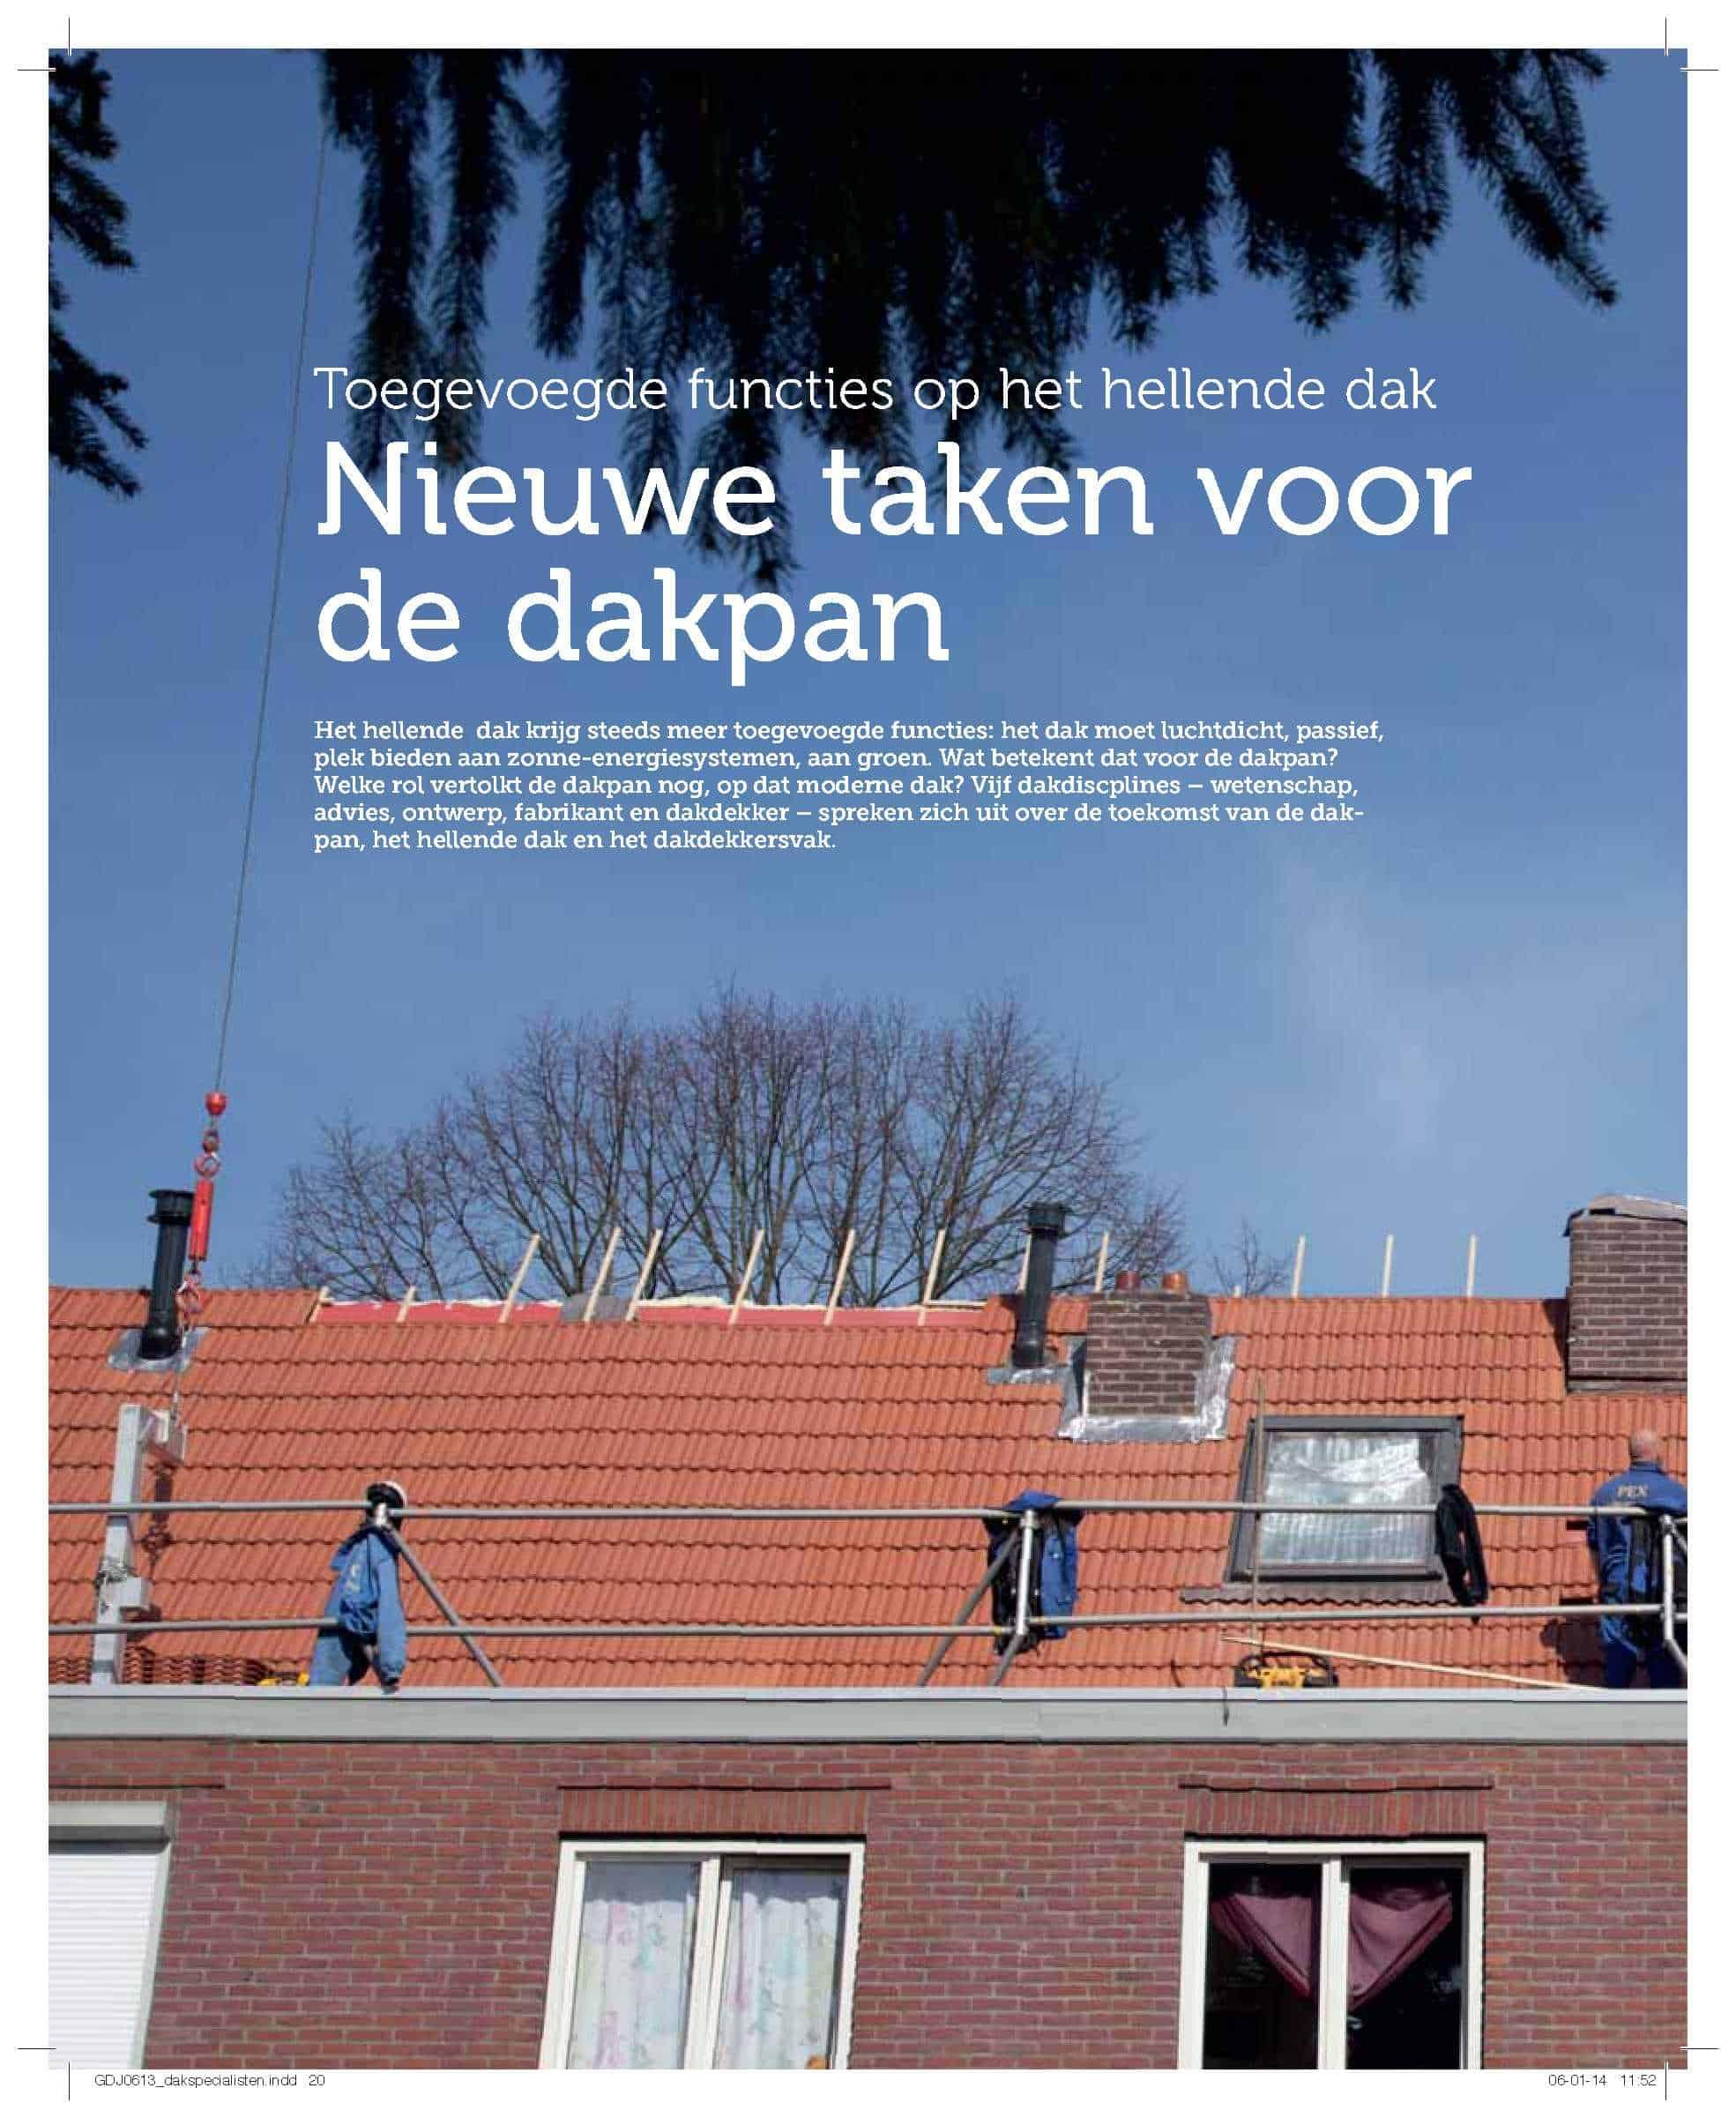 GevelDak_2013-6_Nieuwe-taken-voor-de-dakpan_1-2